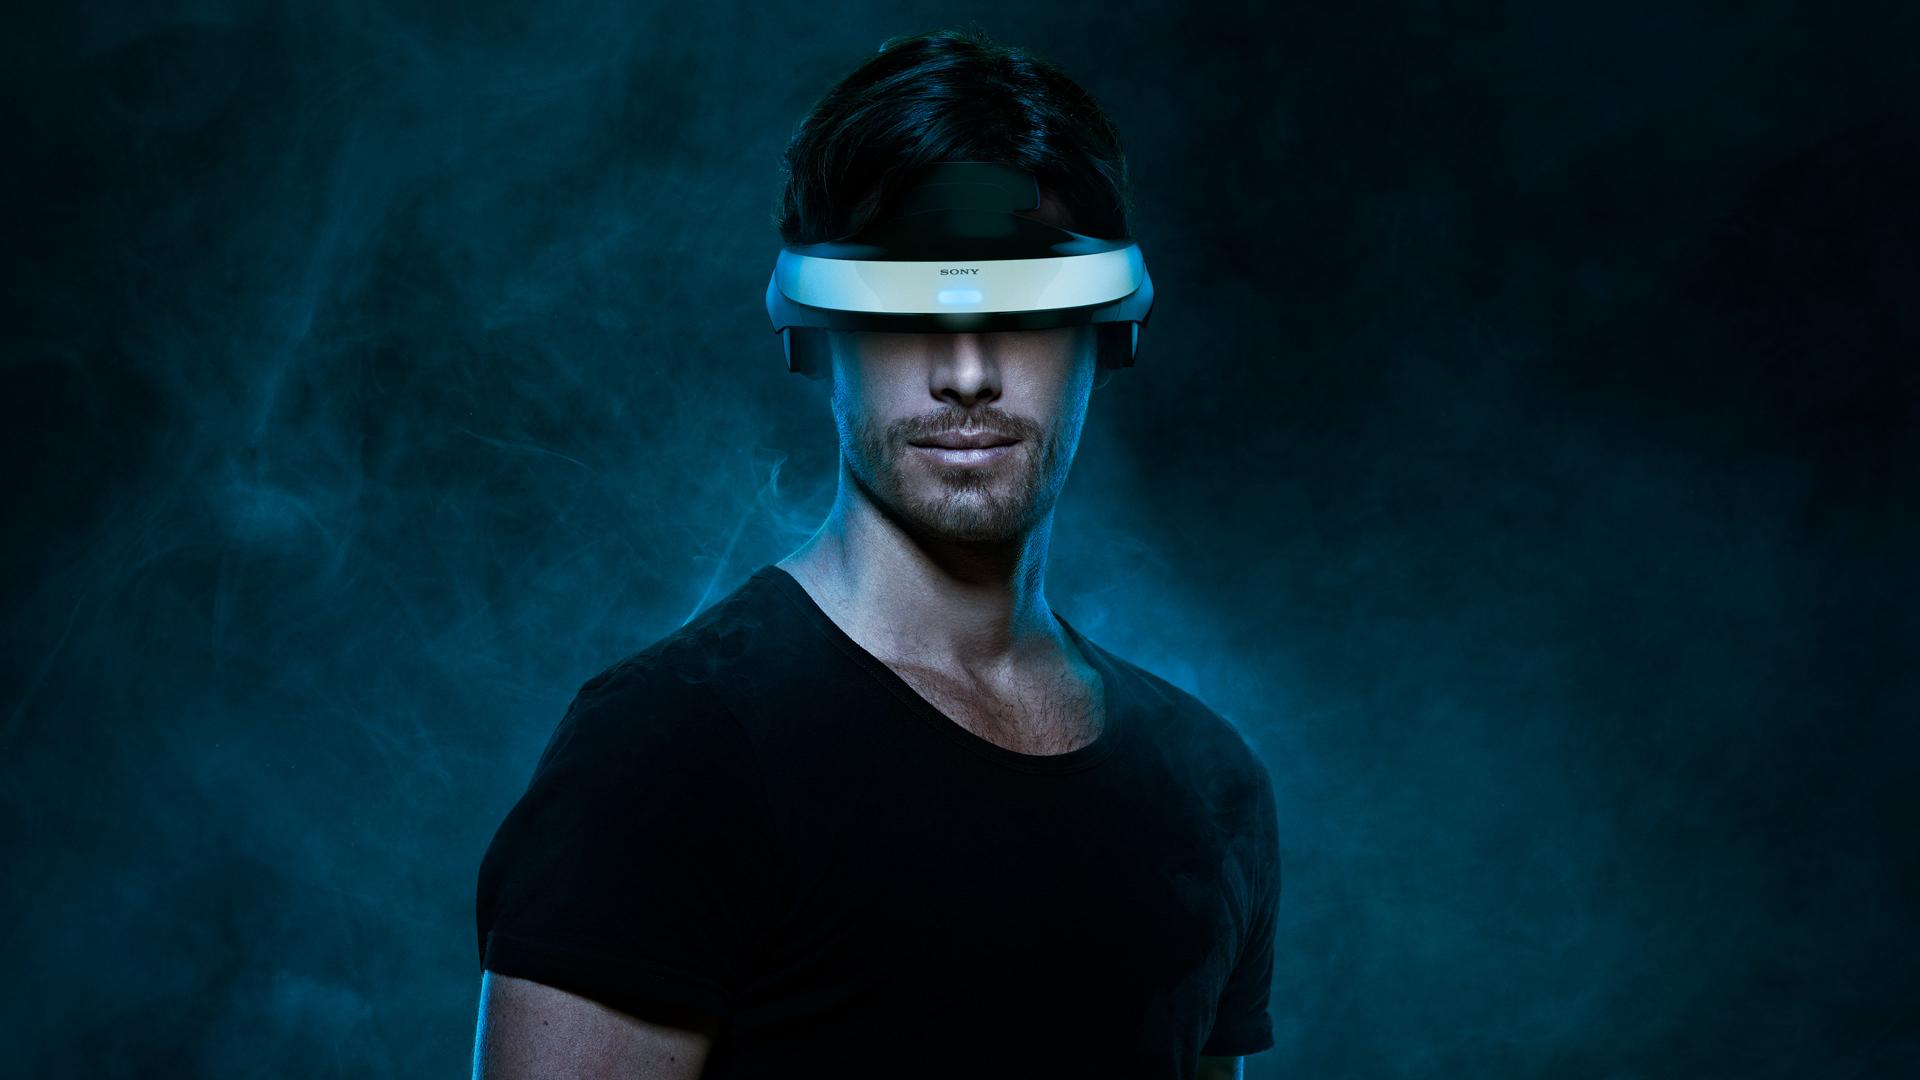 Liste verfügbarer VR-Apps, Demos, Spiele und Tools